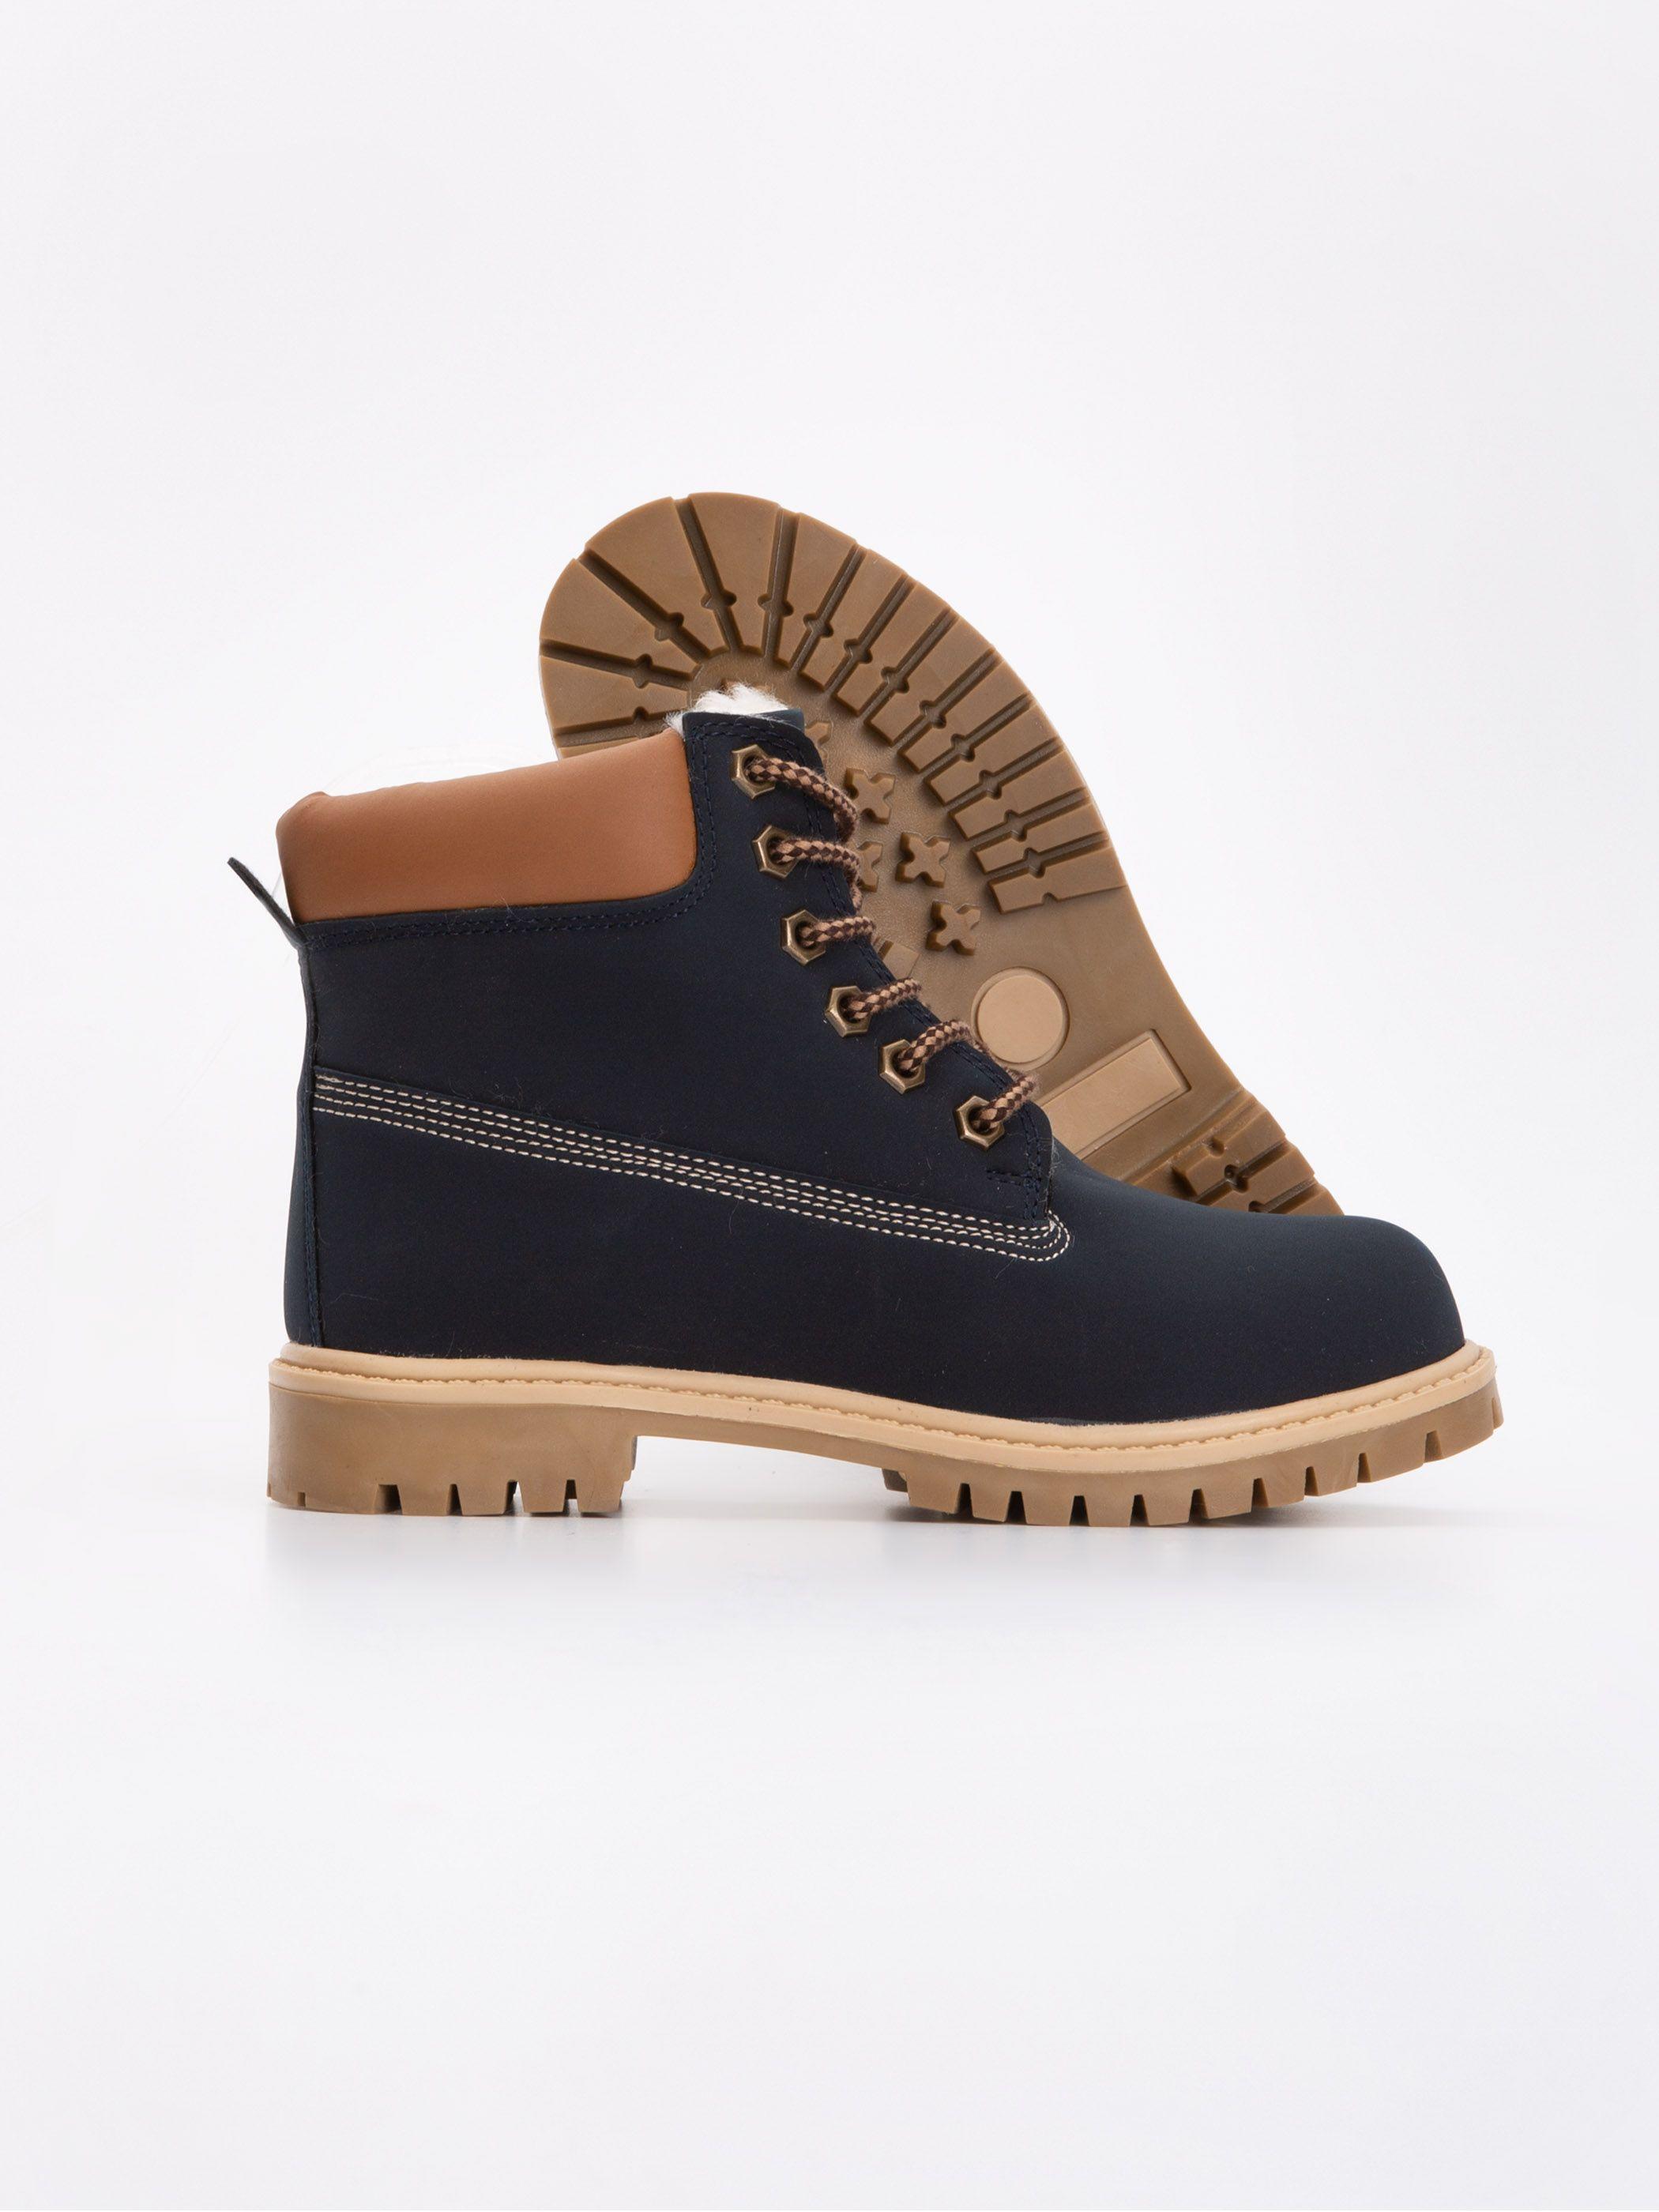 بوت سورمه ای زنانه جدید ال سی وایکیکی پوتین چکمه کفش کتونی Boots Shoe Boots Hiking Boots